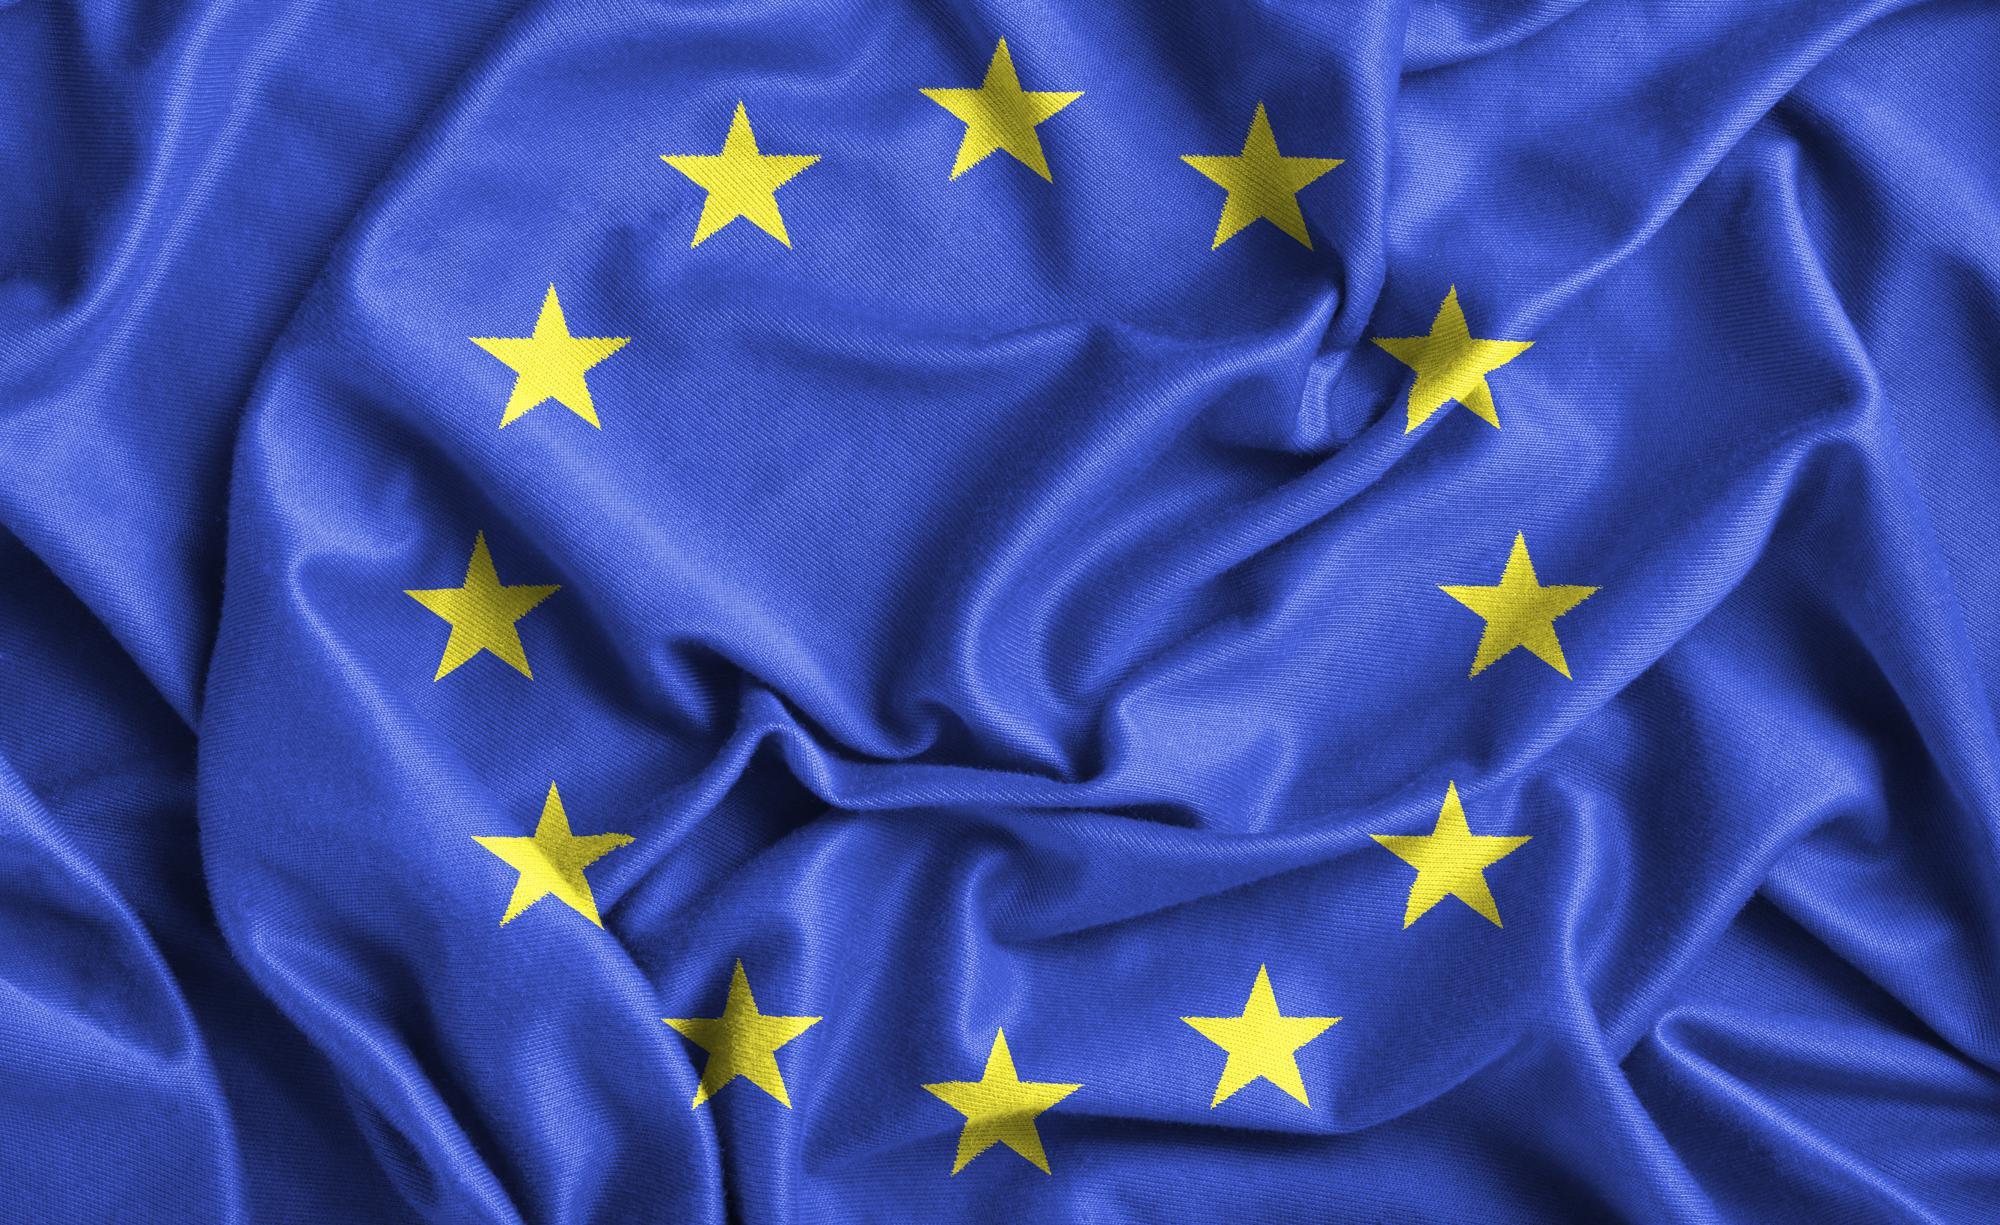 Евросоюз принял майский пакет решений о нарушении странами законодательства ЕС